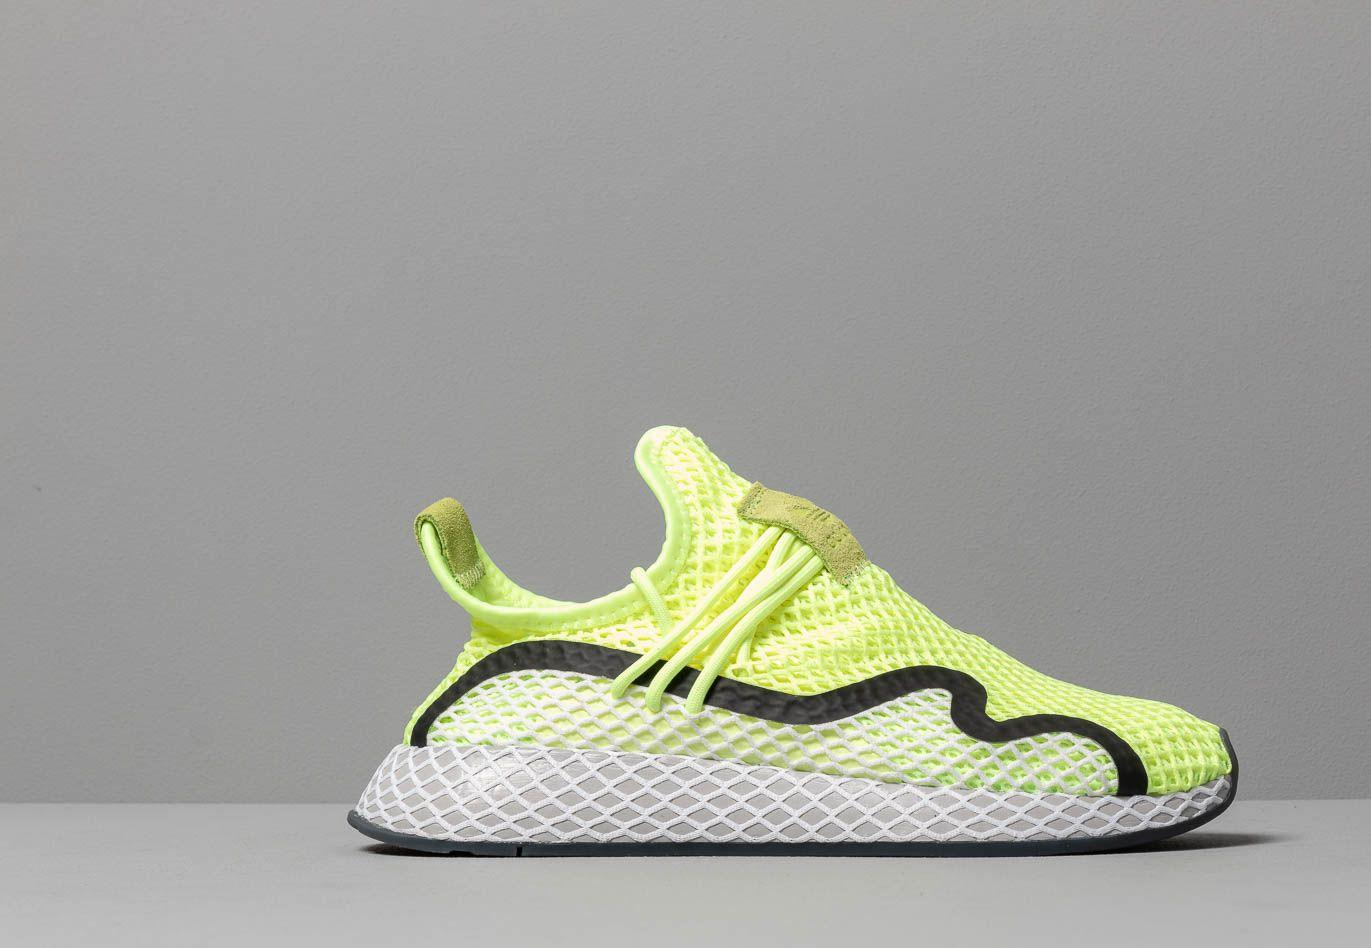 fd1a2626ca46c Adidas Originals - Adidas Deerupt S Hi-res Yellow  Core Black  Ftw White.  View fullscreen